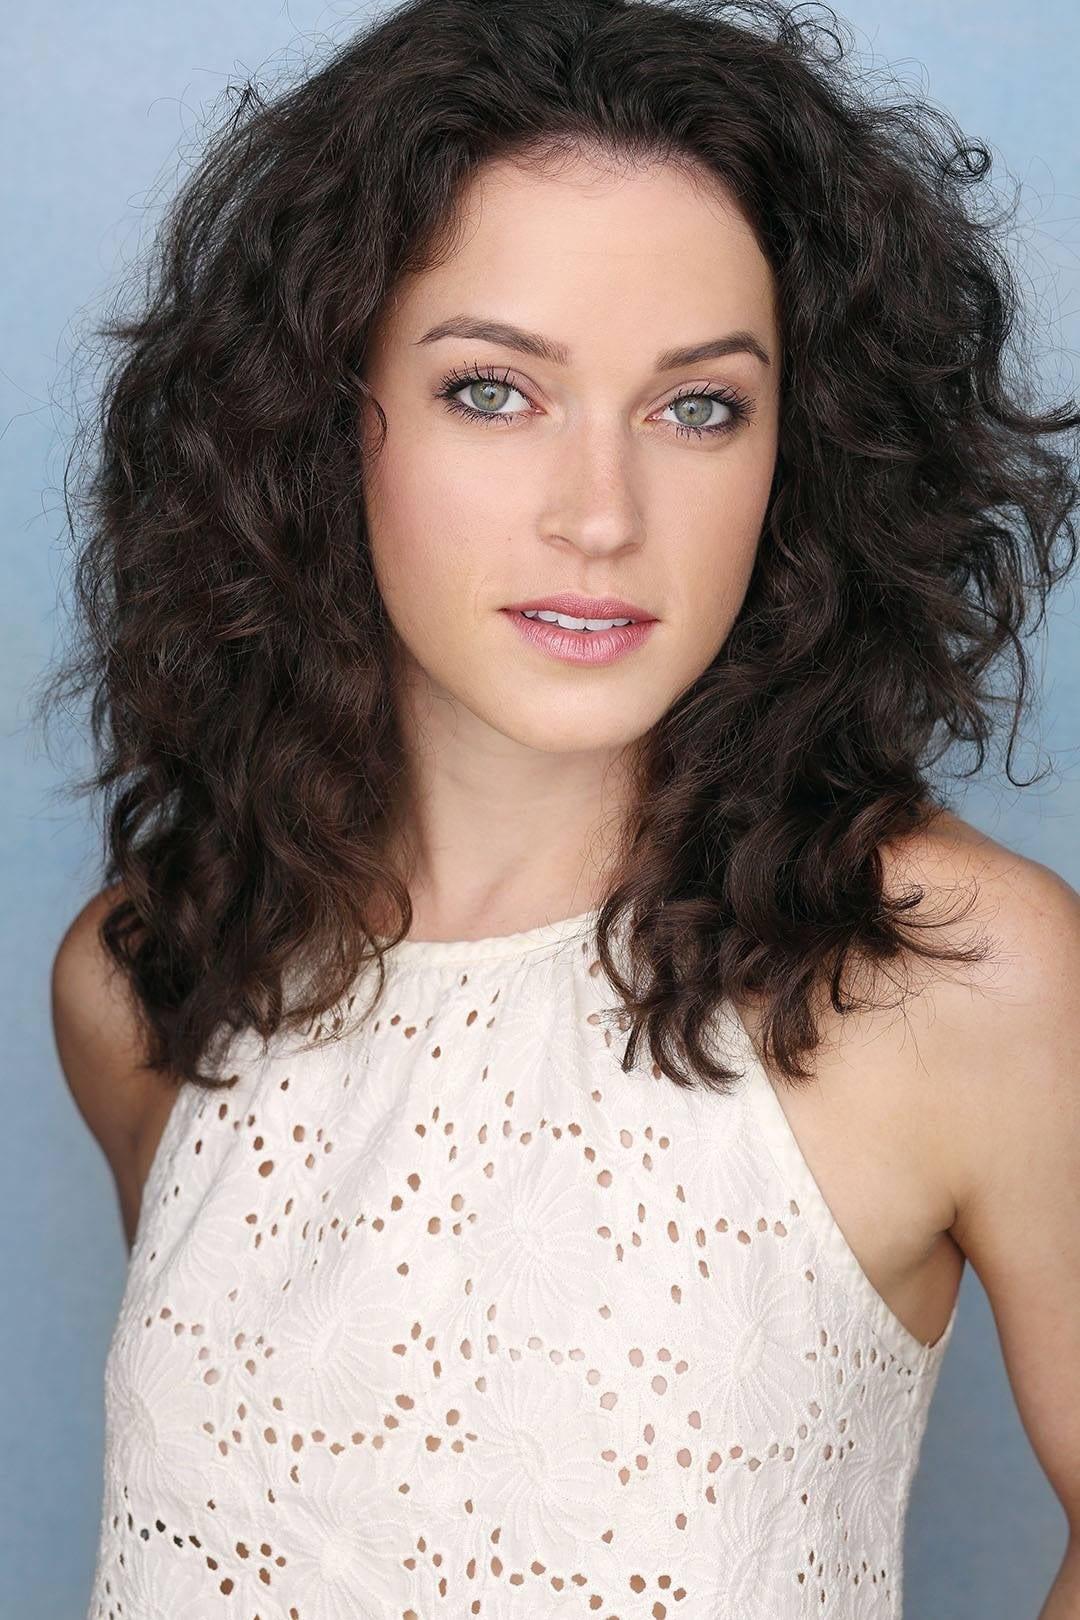 Abby Jaros